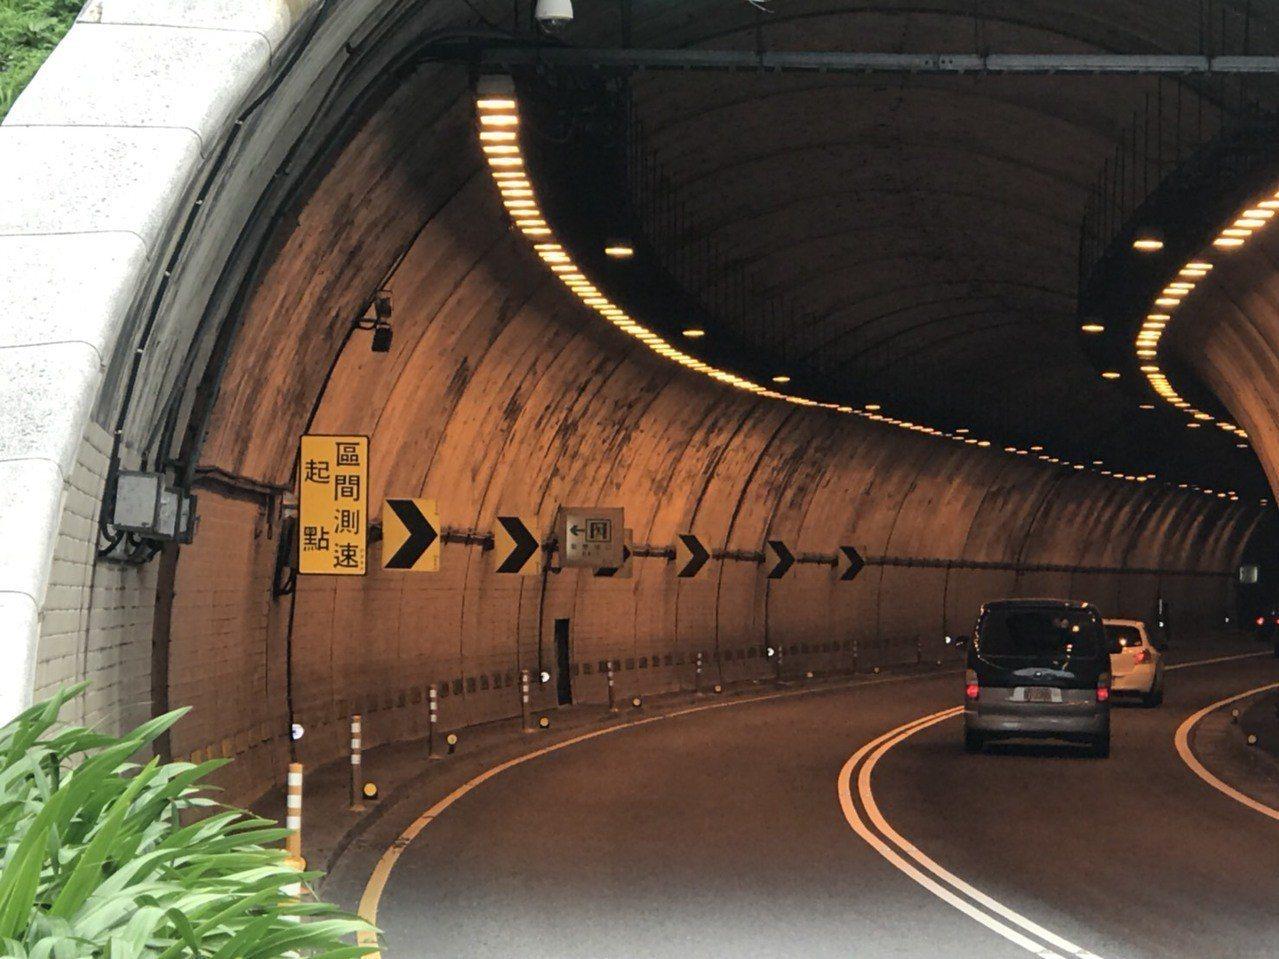 新北市在北海岸萬里隧道設置「區間平均測速」科技執法成效良好,預計明年推廣至北宜公...